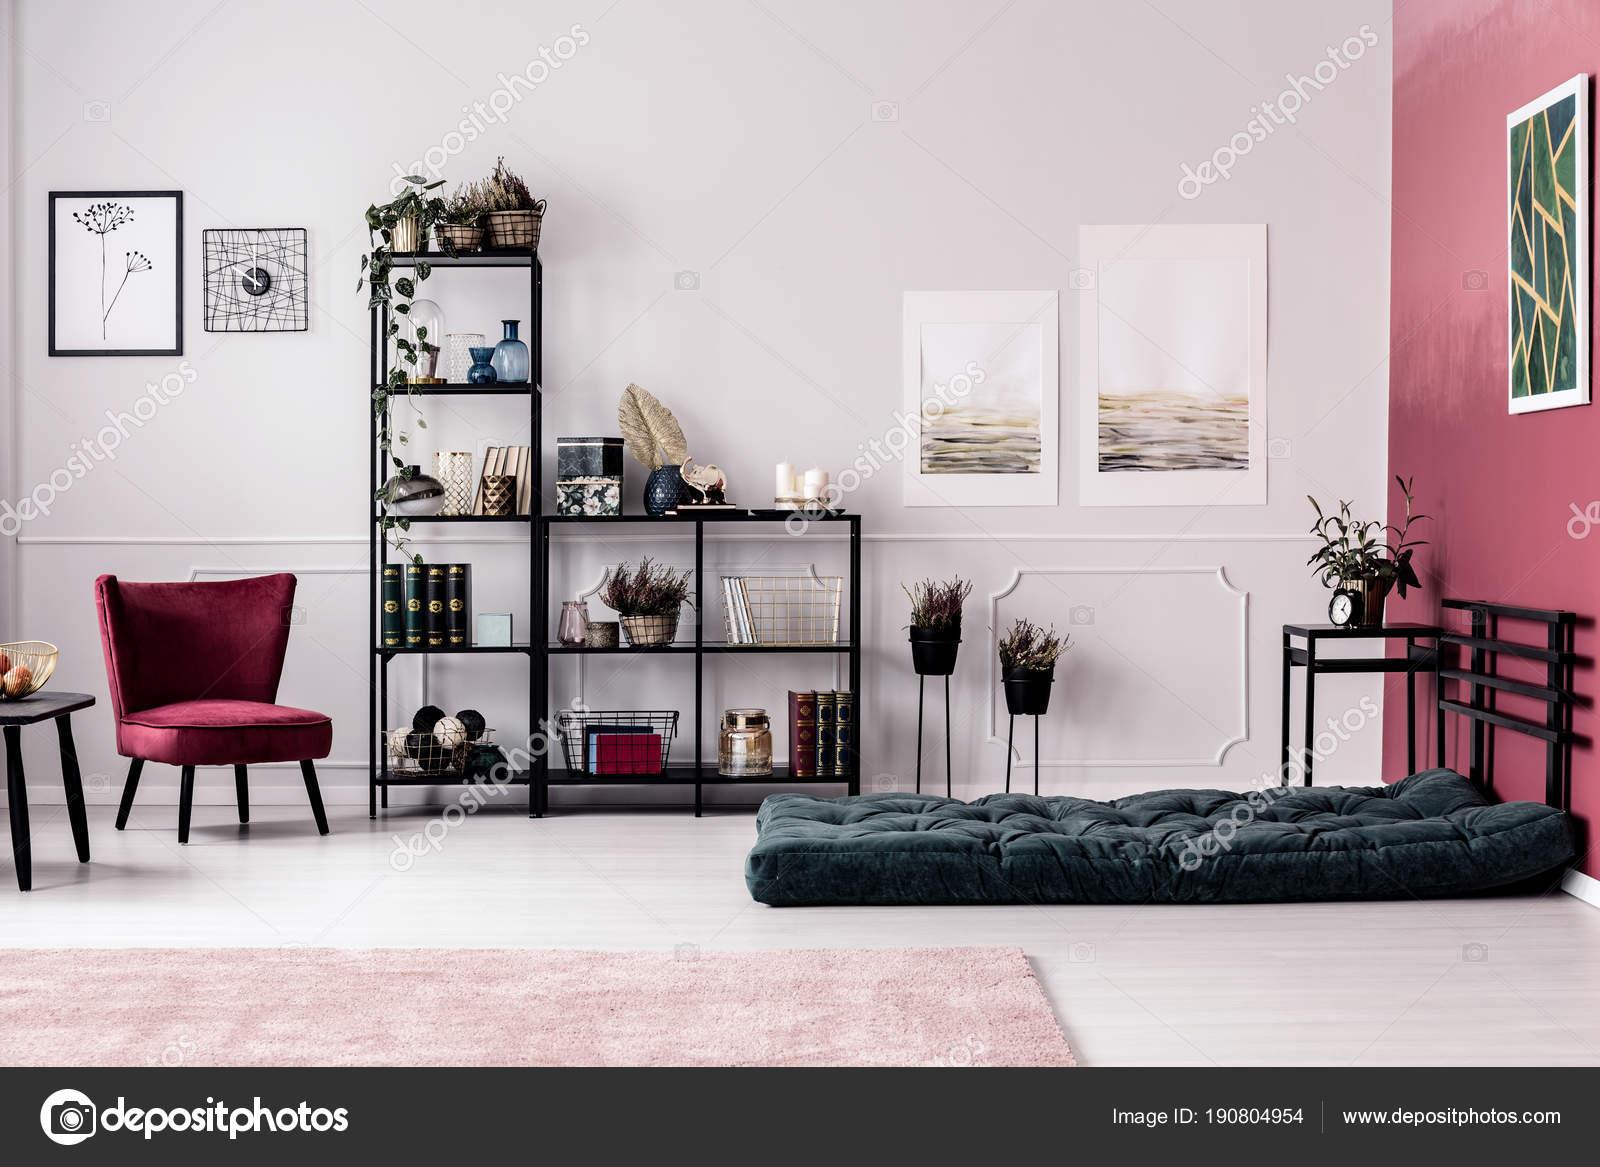 Decoratie Planten Woonkamer : Rek met planten en decoraties u stockfoto photographee eu